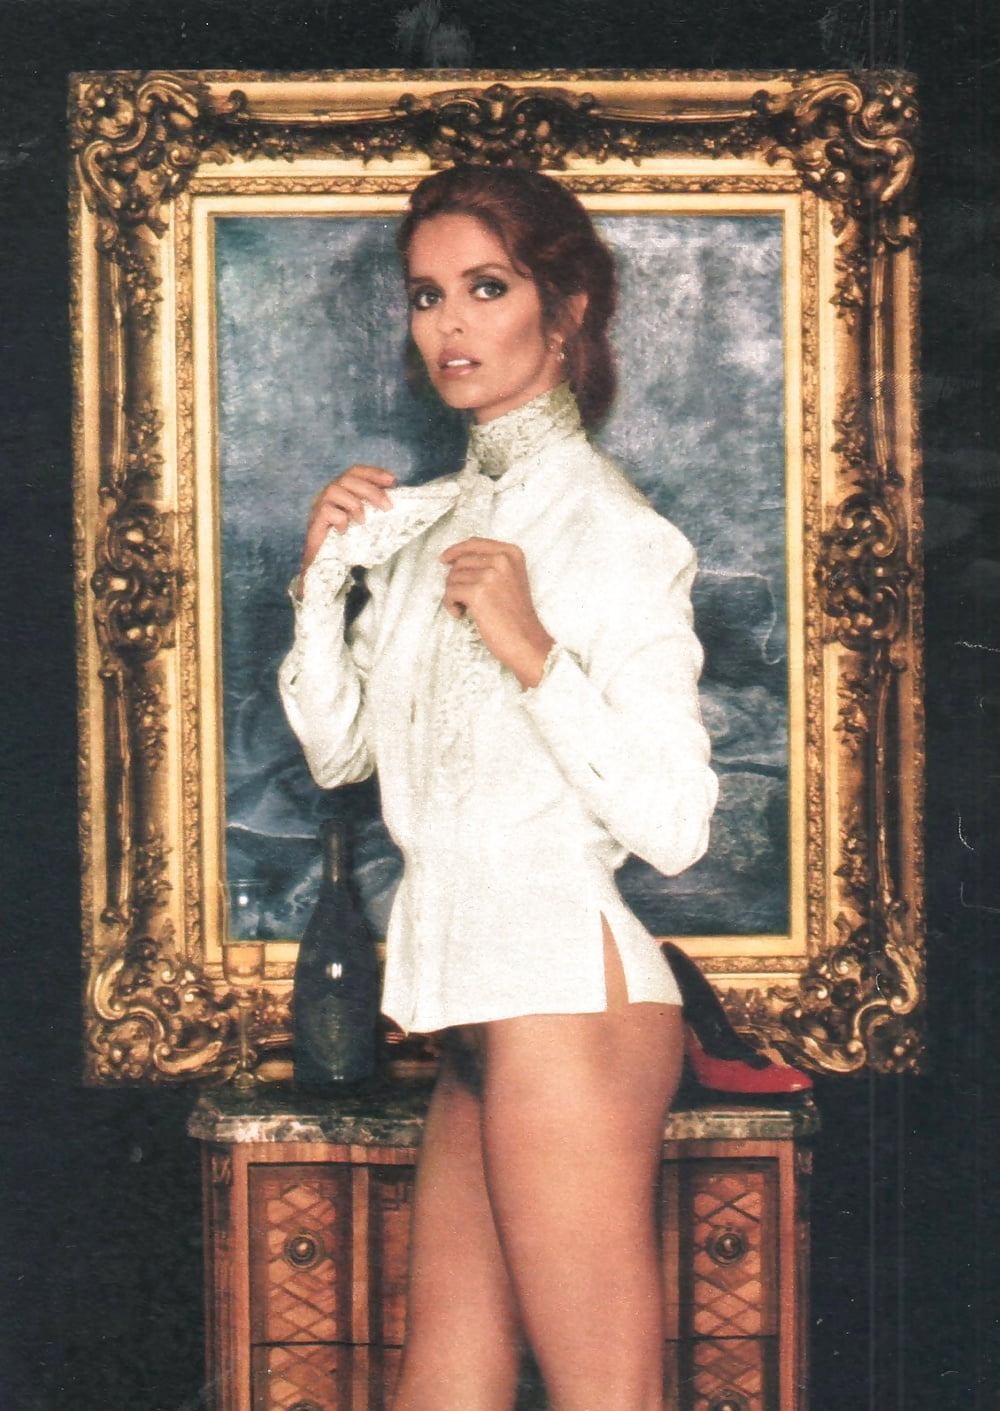 Barbara bach sex picture